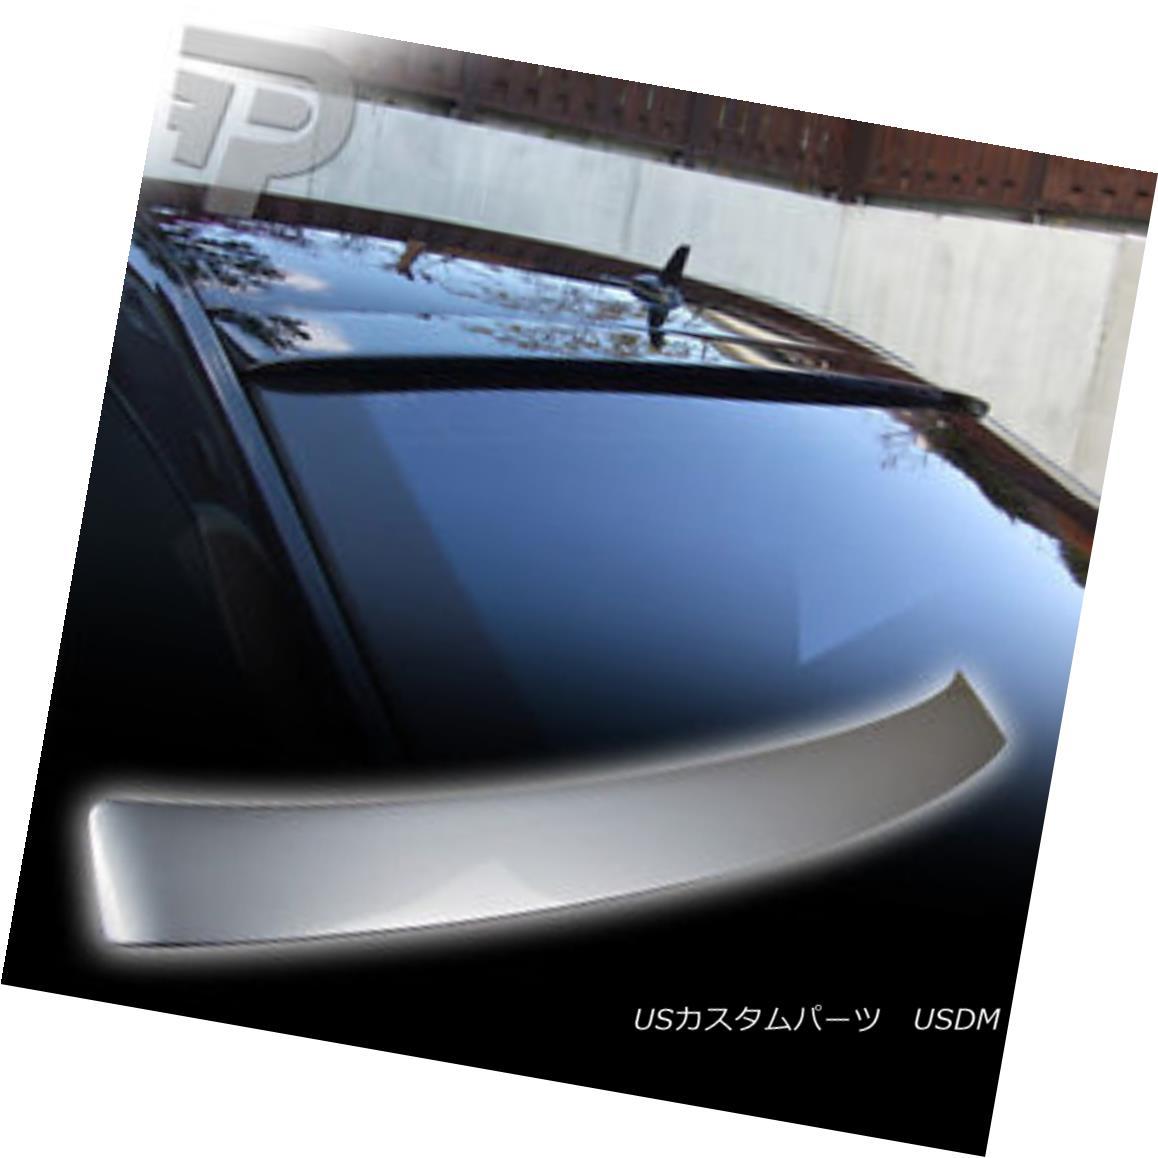 エアロパーツ PAINTED #775 SILVER FOR Mercedes BENZ W221 L TYPE REAR ROOF SPOILER WING 塗装済み#775シルバー用メルセデスベンツW221 Lタイプリアルーフスポイラーウイング